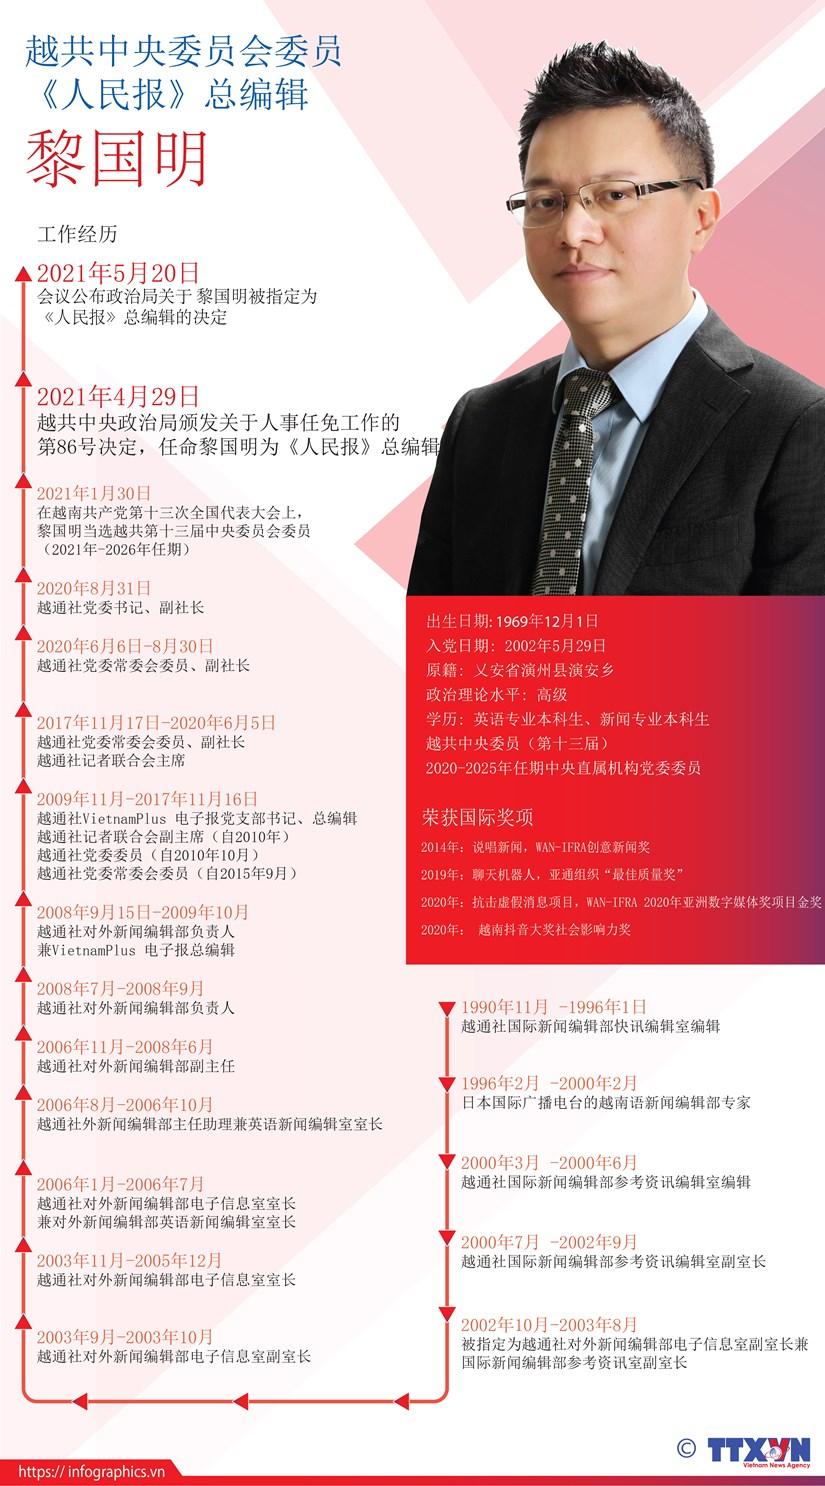 图表新闻:政治局任命越共中央委员会委员、越通社副社长黎国明为 《人民报》总编辑 hinh anh 1